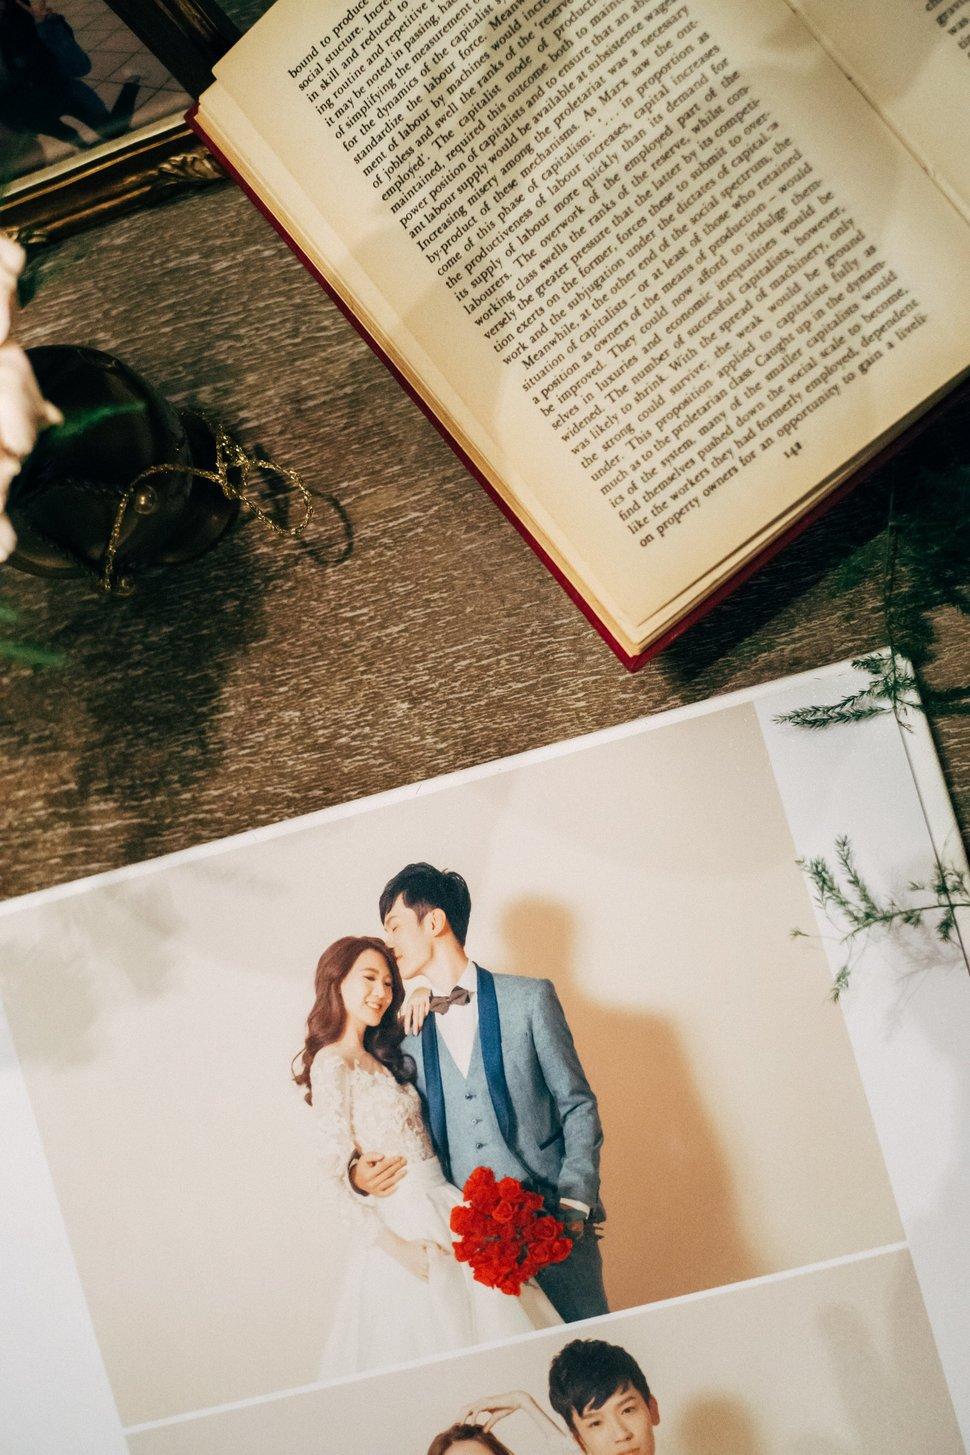 美式婚禮 Andy& Zoey Wedding   萬豪酒店婚禮 美式婚禮紀錄 - 戶外婚禮 - 美式婚攝128 - Amazing Grace Studio - 結婚吧